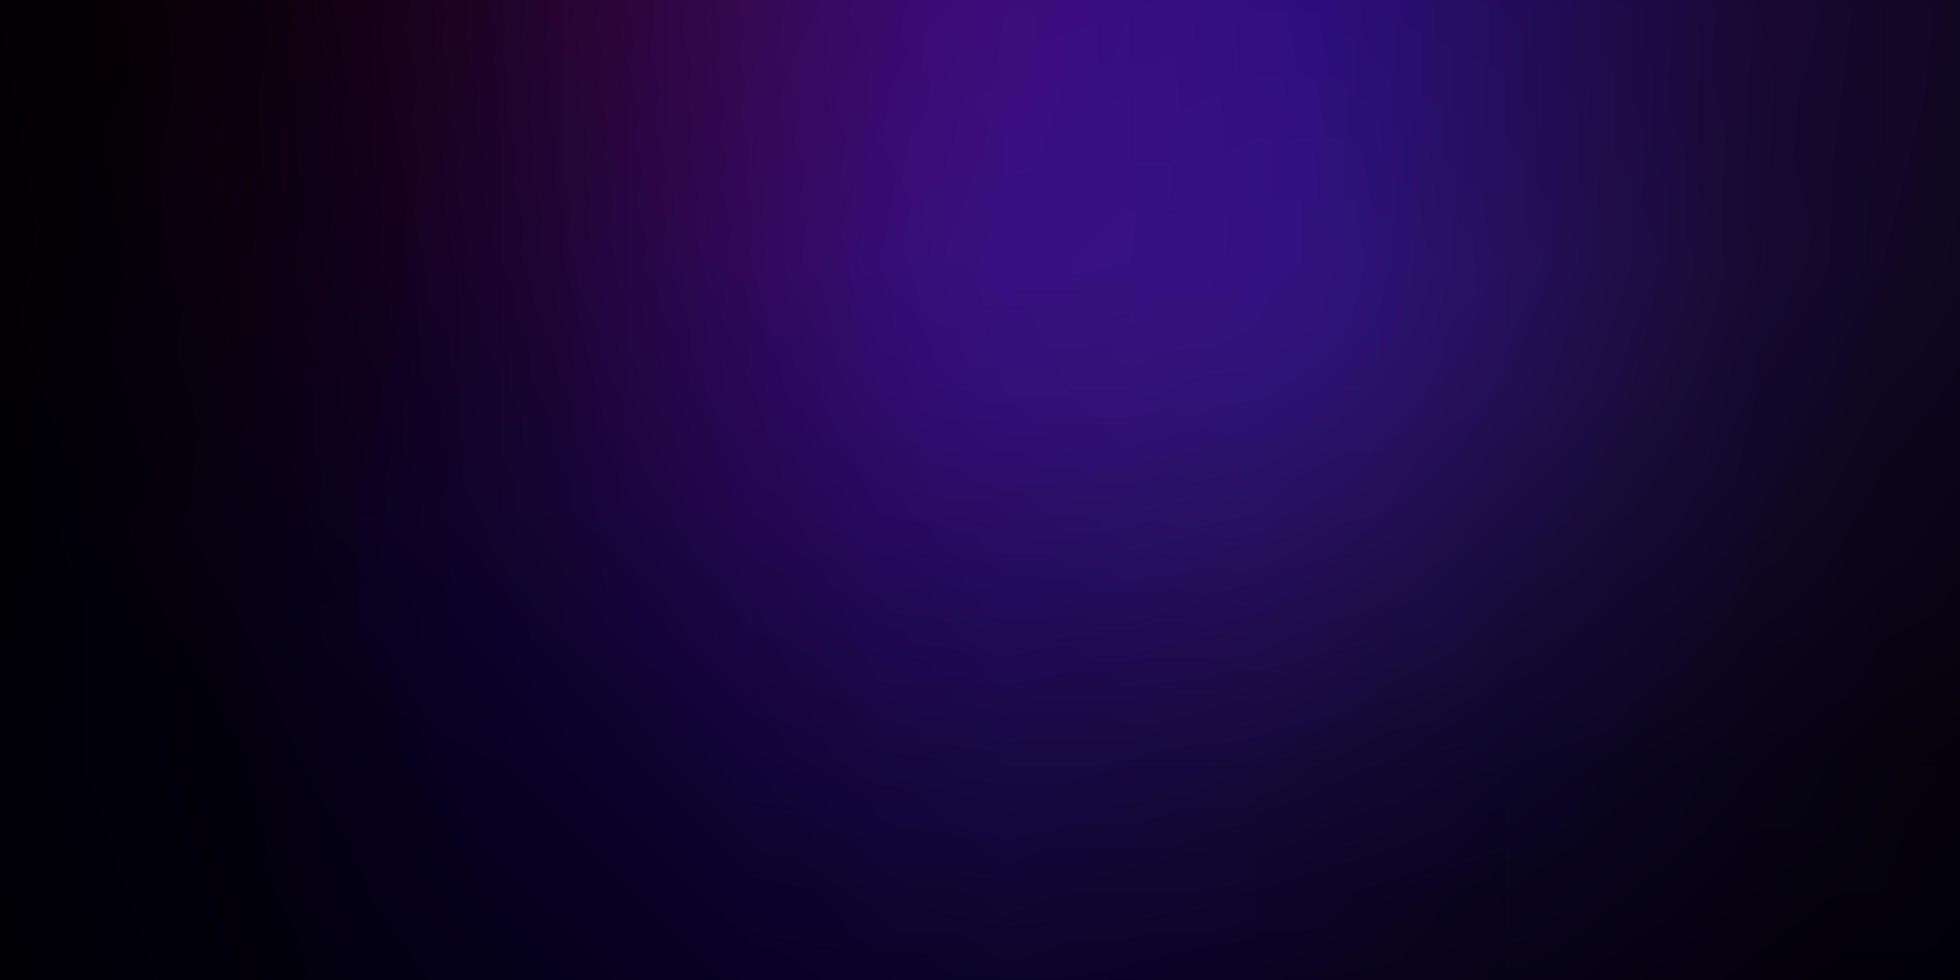 layout borrado abstrato roxo escuro do vetor. vetor